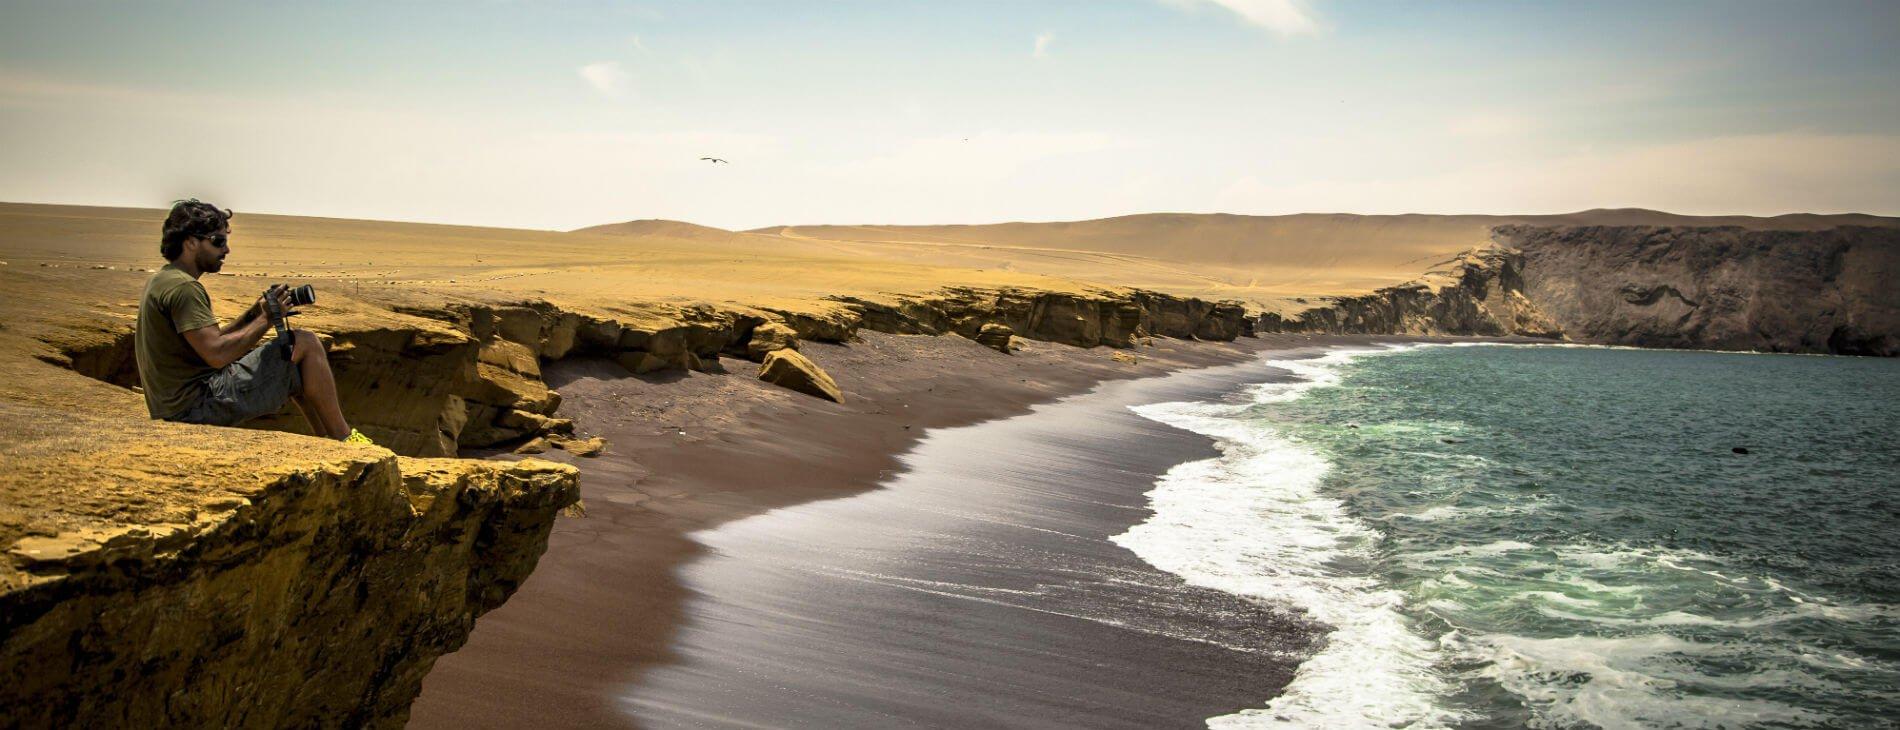 MastroViaggiatore-Peru-Reserva-Nacional-Paracas